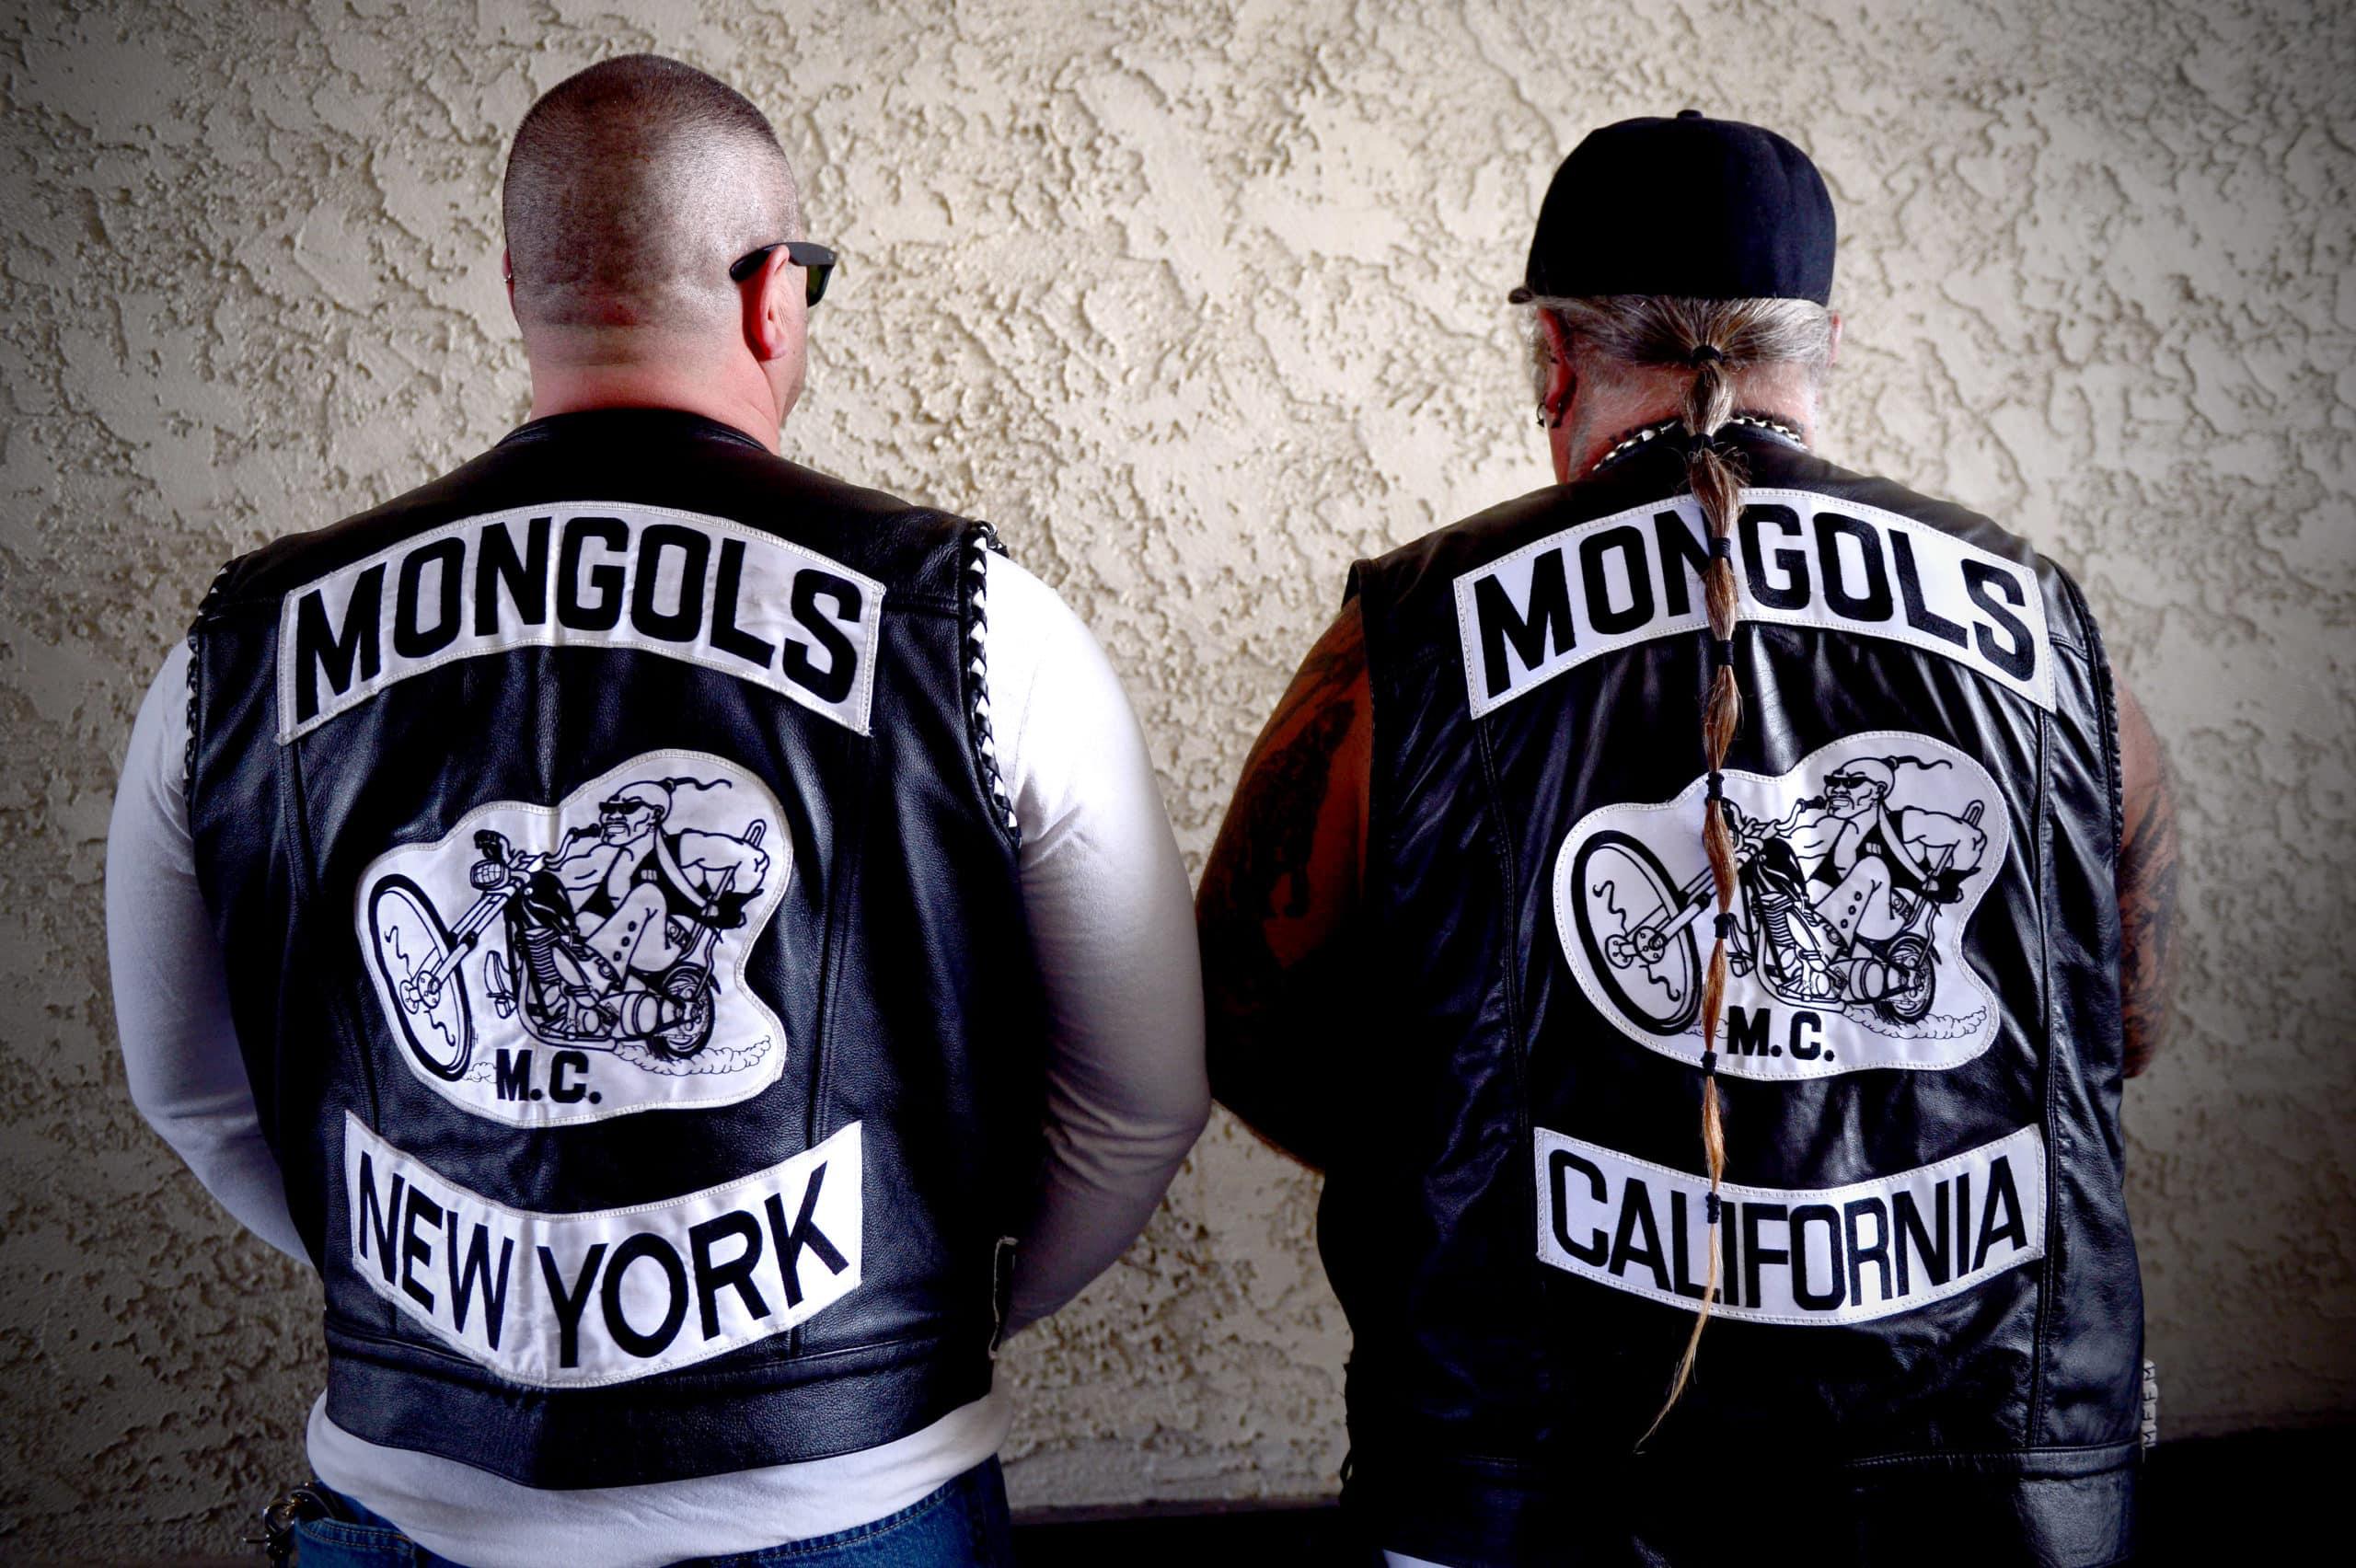 Mongols Motorcycle Club scaled .La historia del club de motociclistas mongoles (Actualizado)